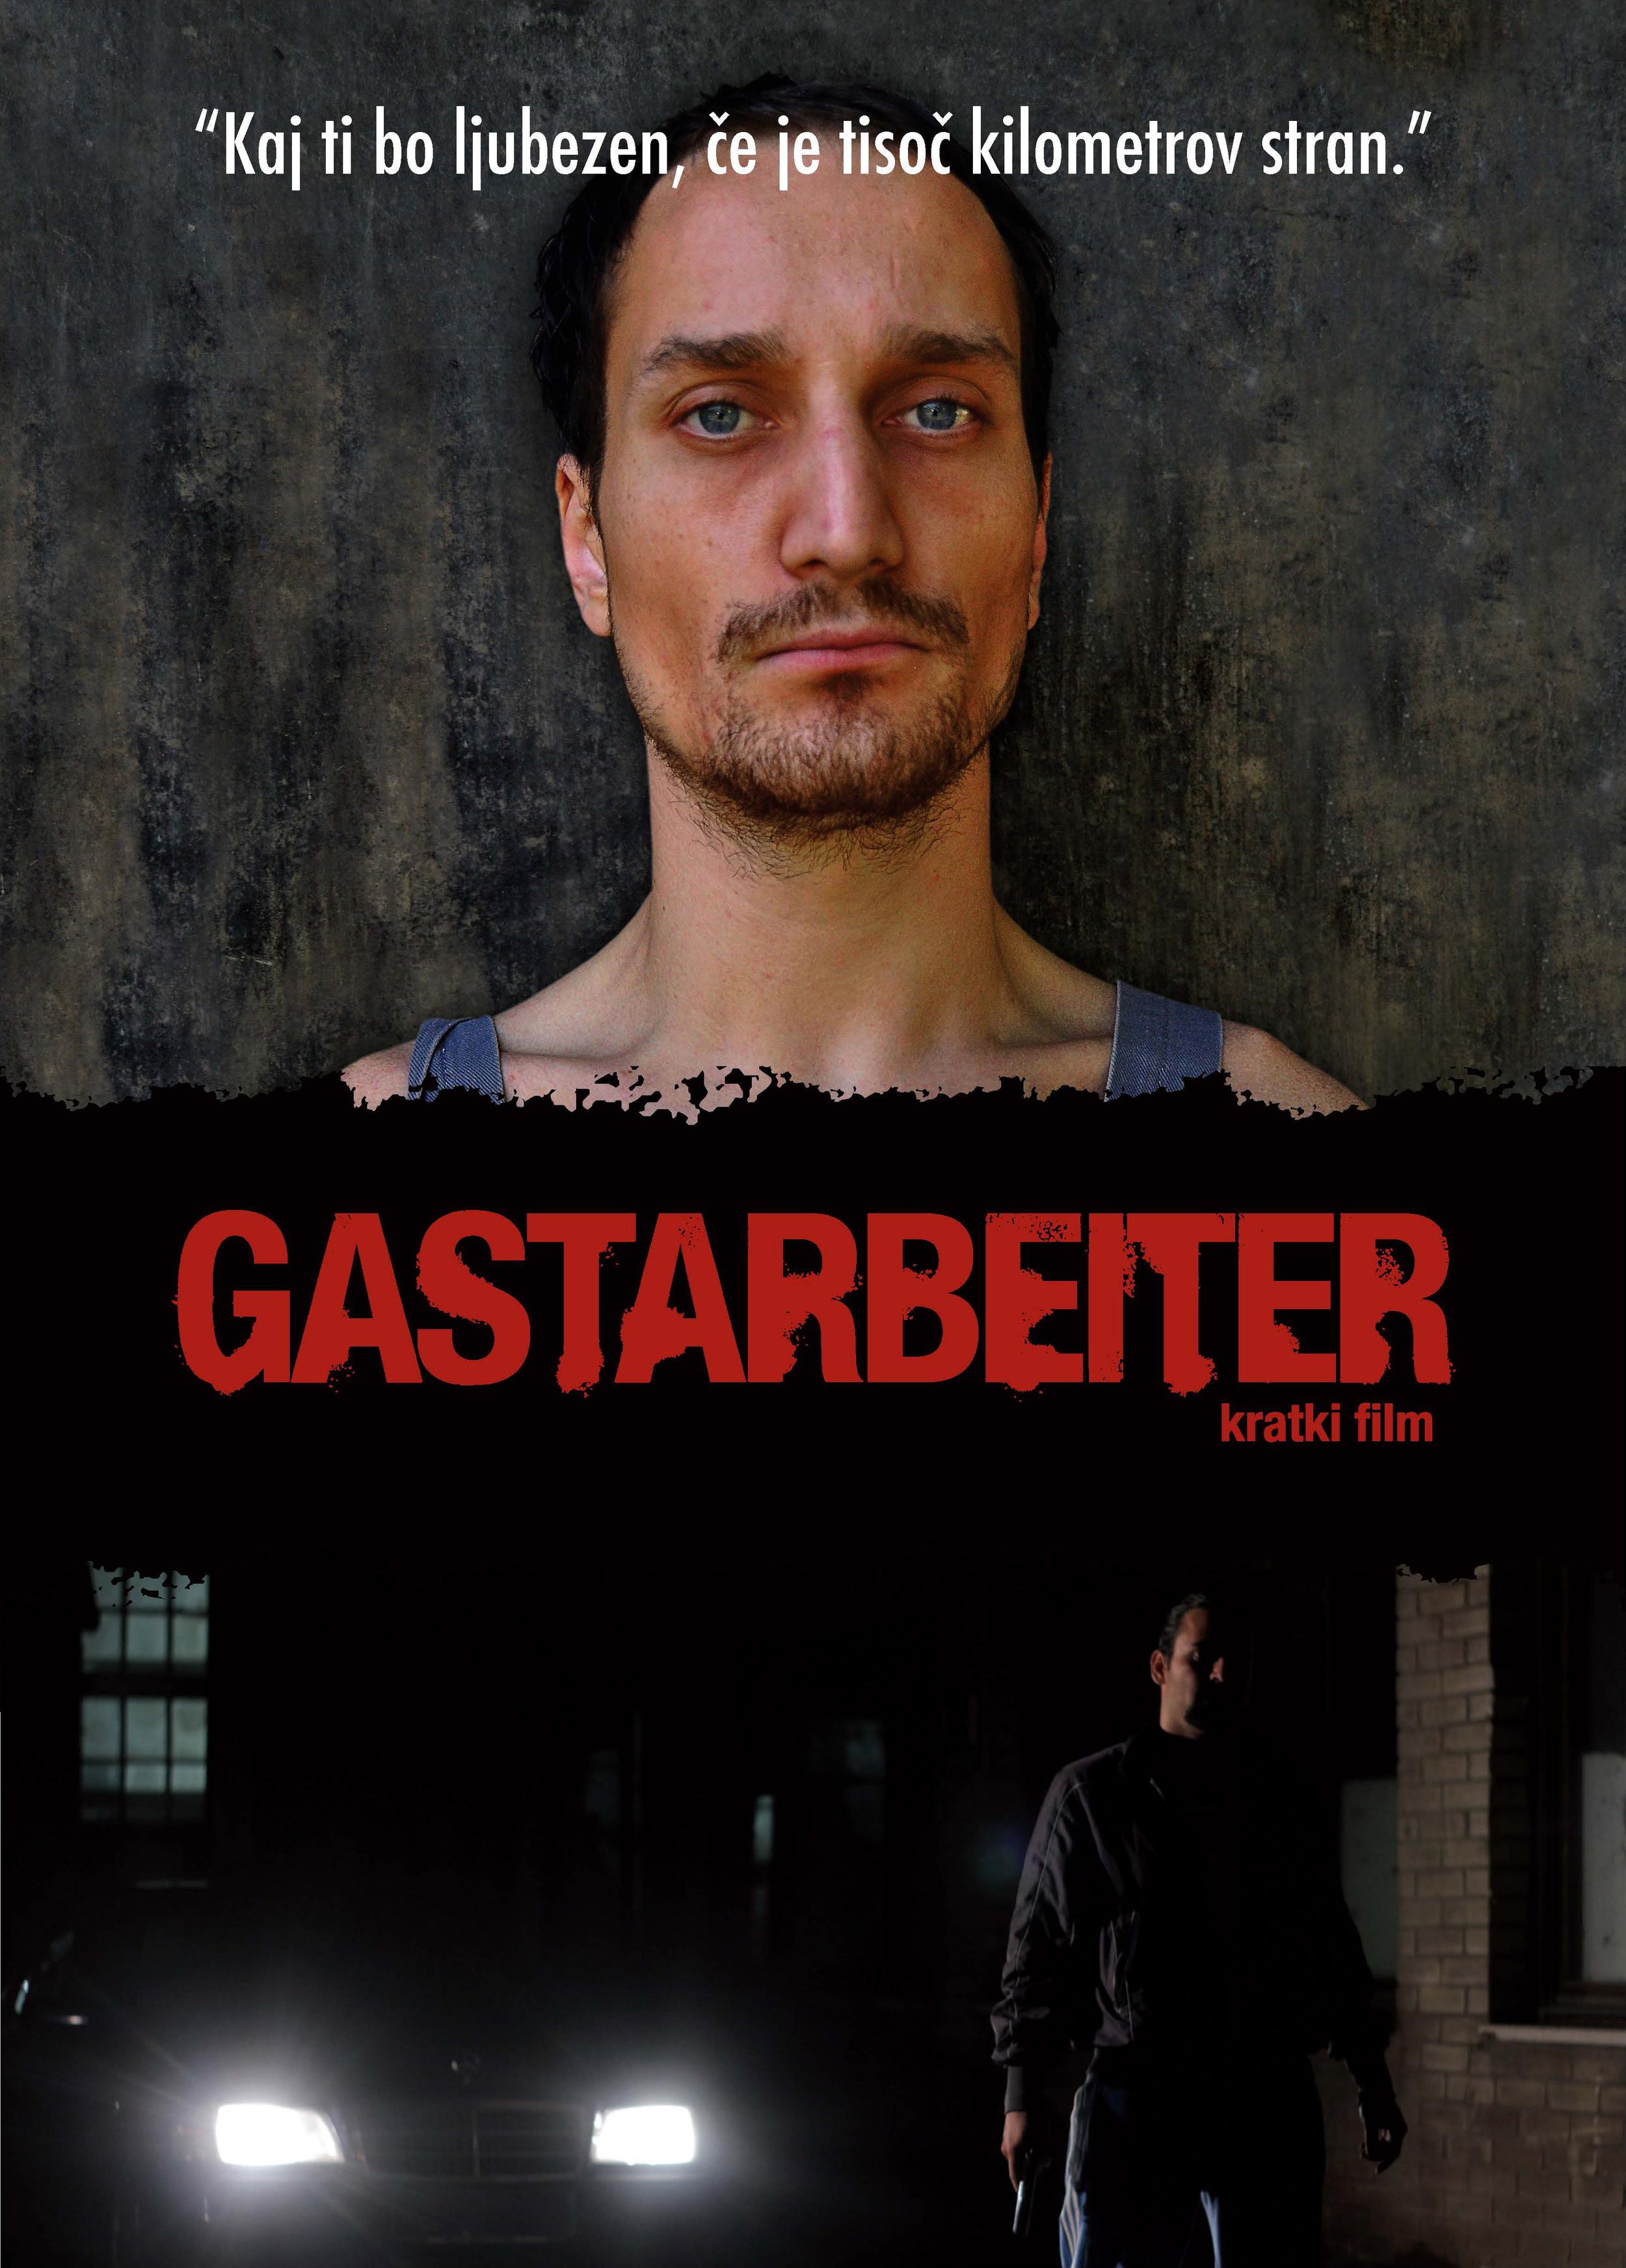 Gastarbeiter_kratki film poster art.jpg